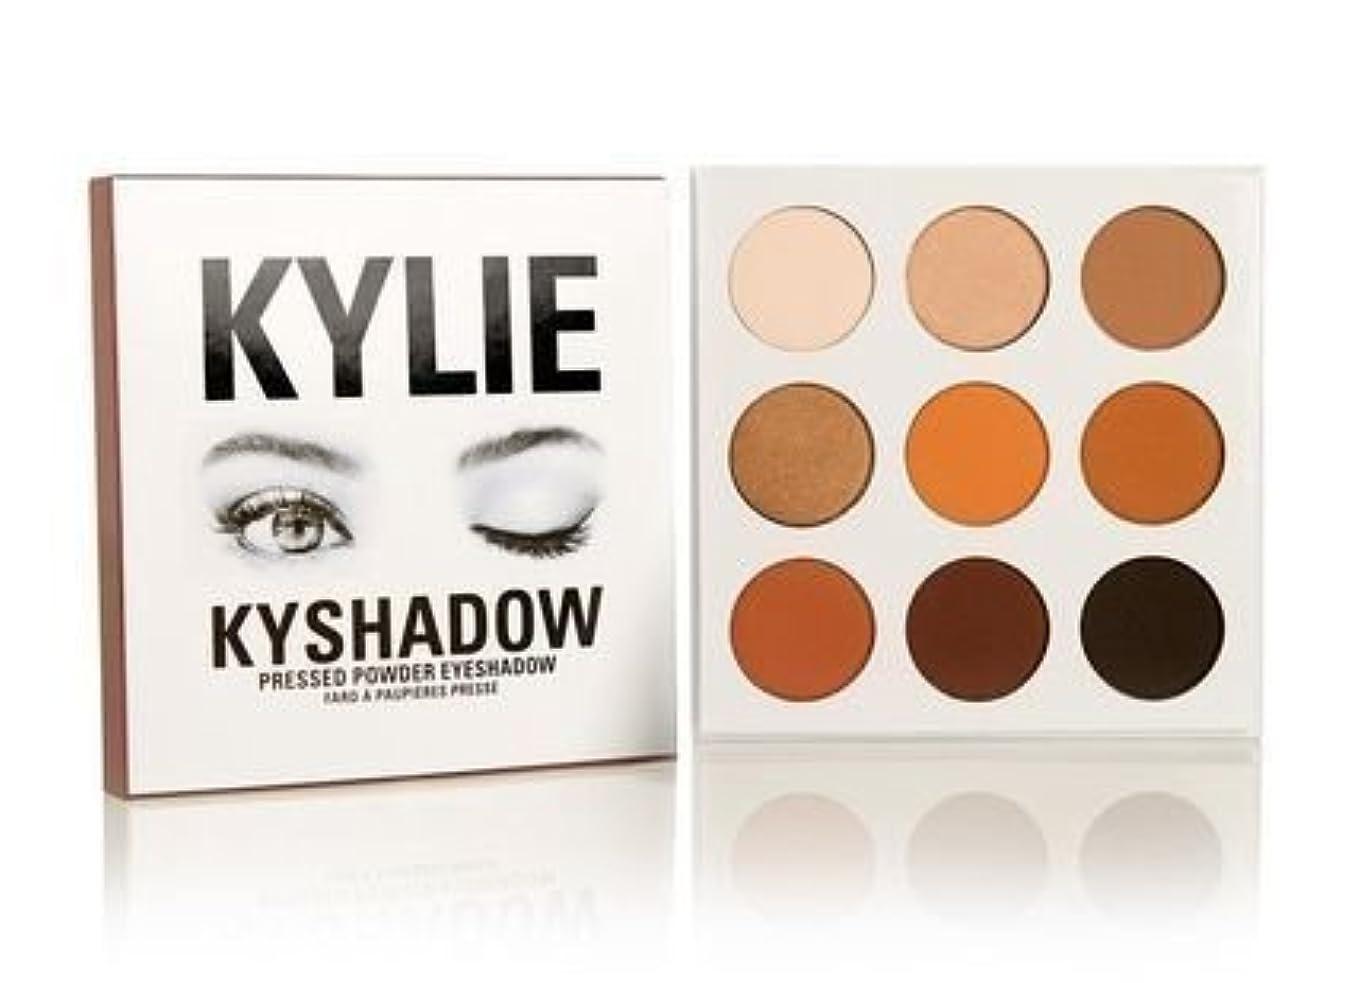 荒れ地覚えている本部Kylie Cosmetics(カイリーコスメティック)The Bronze Palette KYSHADOW 9色アイシャドウパレット 国内発送